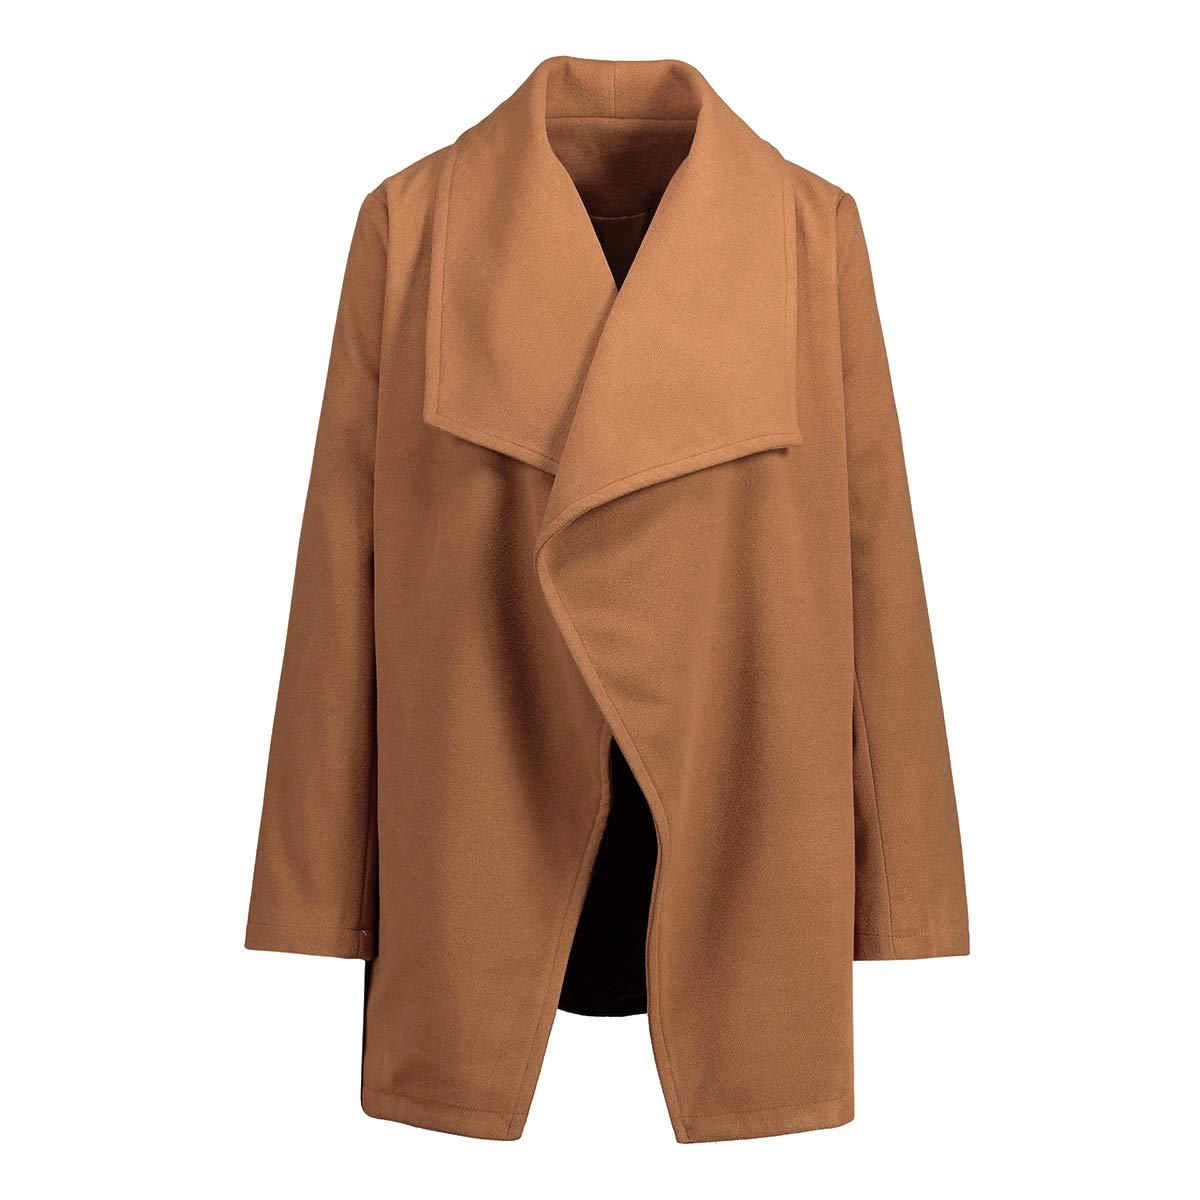 Khaki TinTop Women's Trench Coat Wool Short Trench Coats for Women Blend Winter Coats Long Trench Khaki